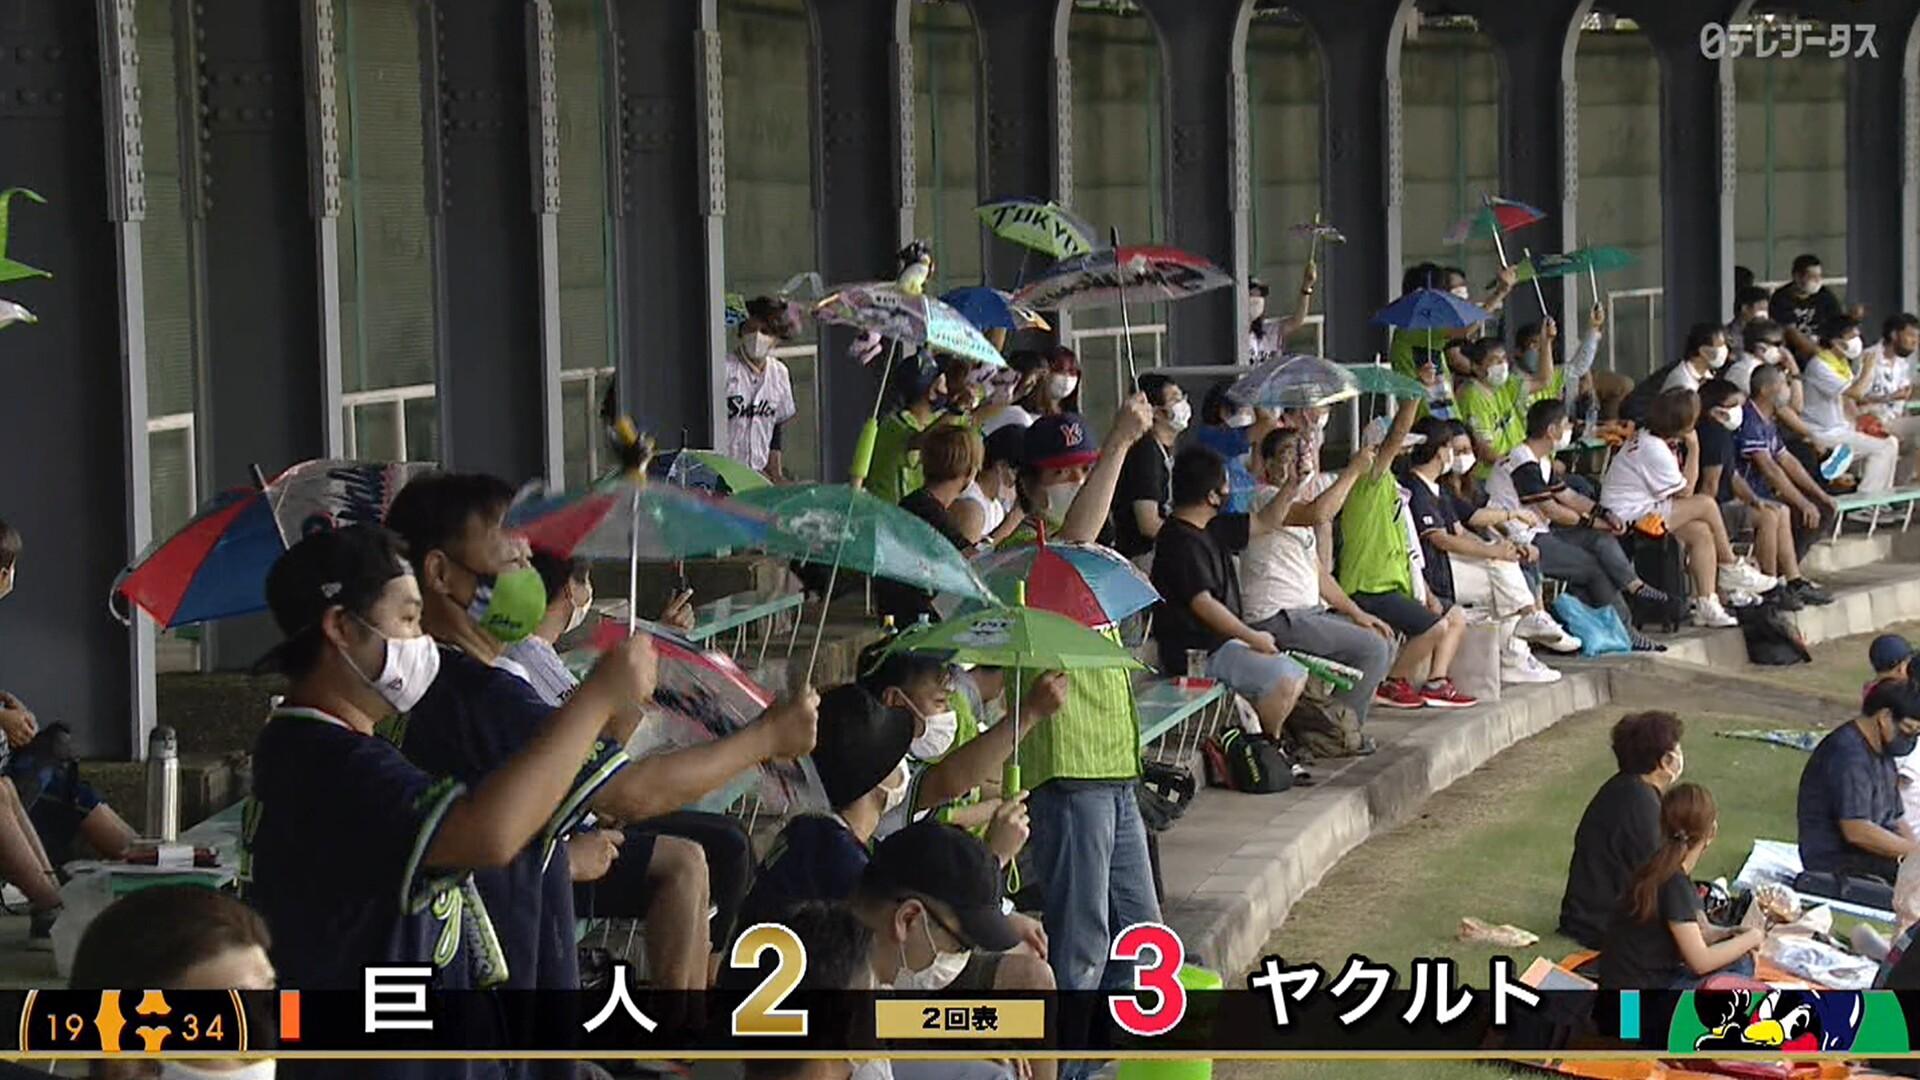 巨人vsヤクルトの首位攻防戦、2回表までにホームラン4本! 長良川球場狭すぎるwwwww